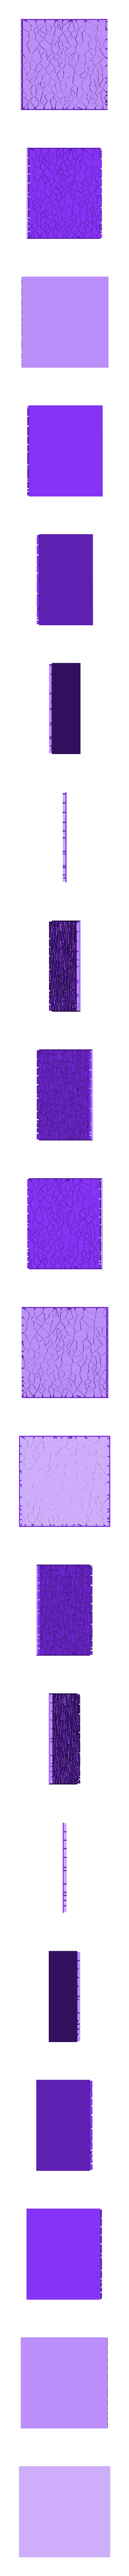 Cracked_paving_100mm_square_4.stl Télécharger fichier STL gratuit Dallage fissuré / Bases carrées à effet de lave pour la saga Dungeon, Kingd of war, Warhammer fantasy battle etc • Objet imprimable en 3D, redstarkits